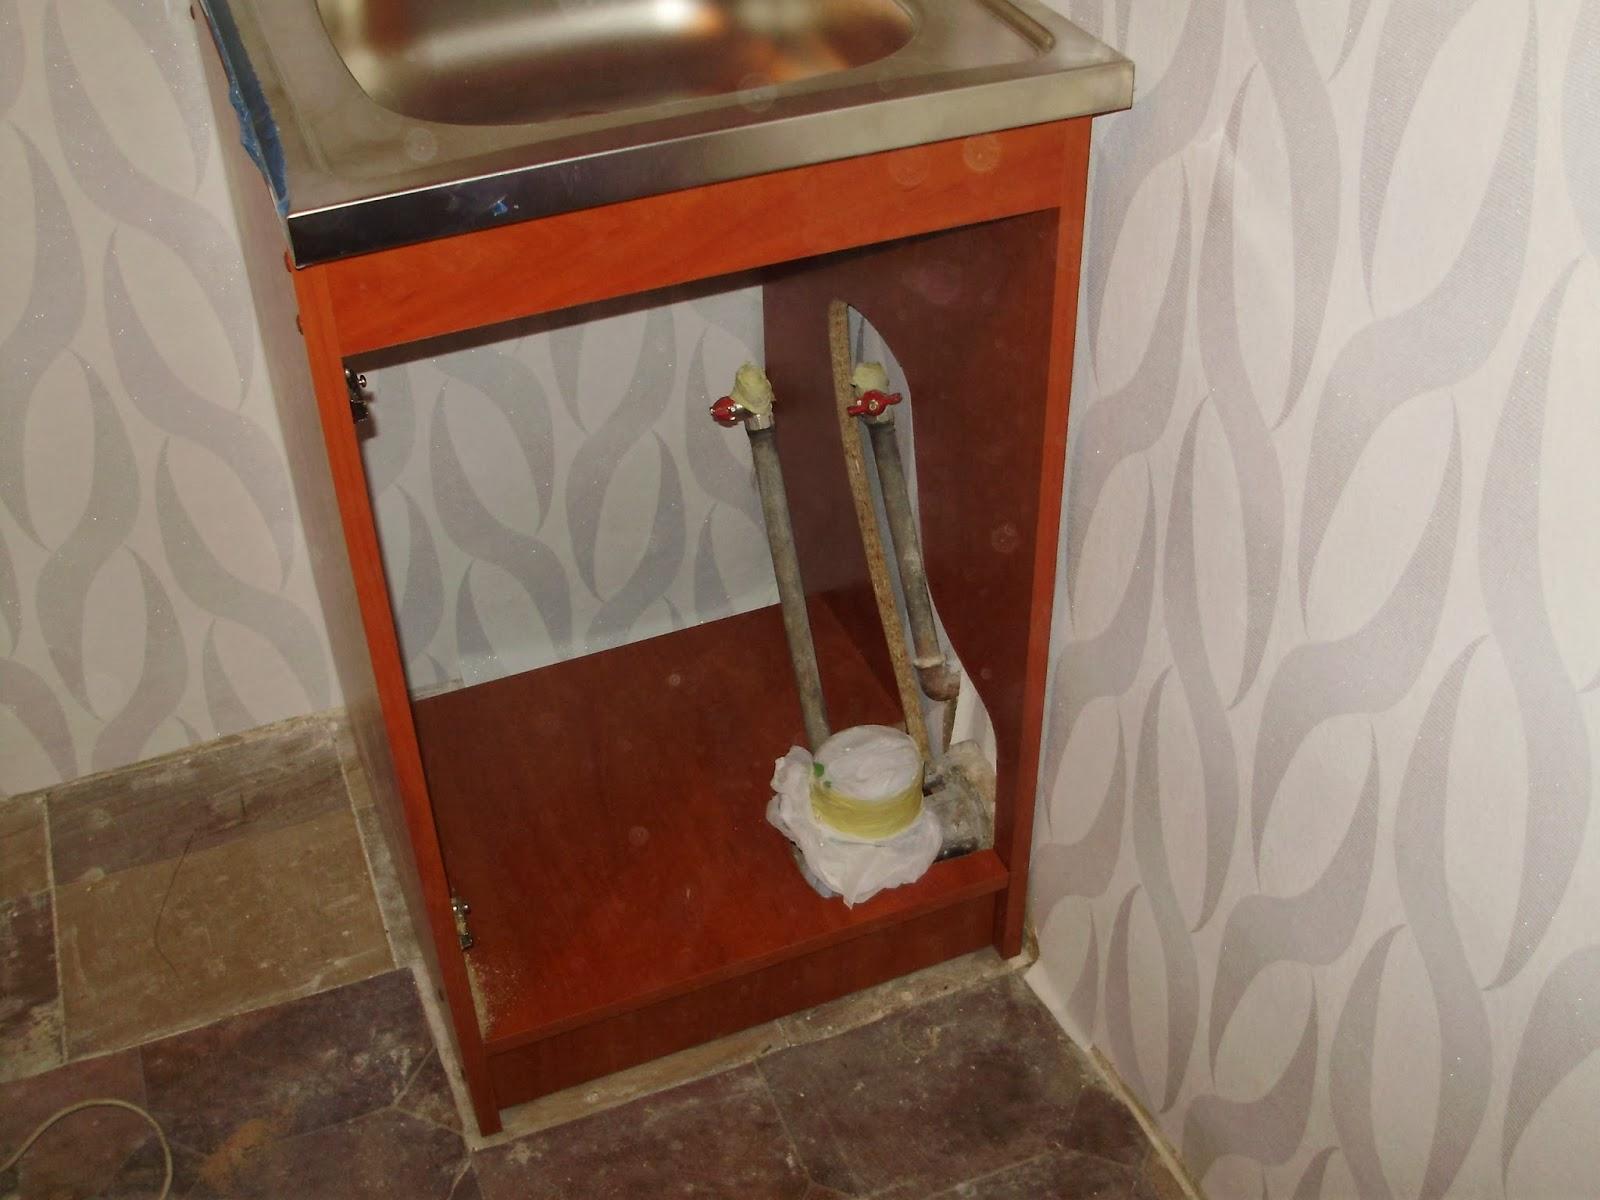 Угловая мойка для кухни своими руками: основные этапы работы 96